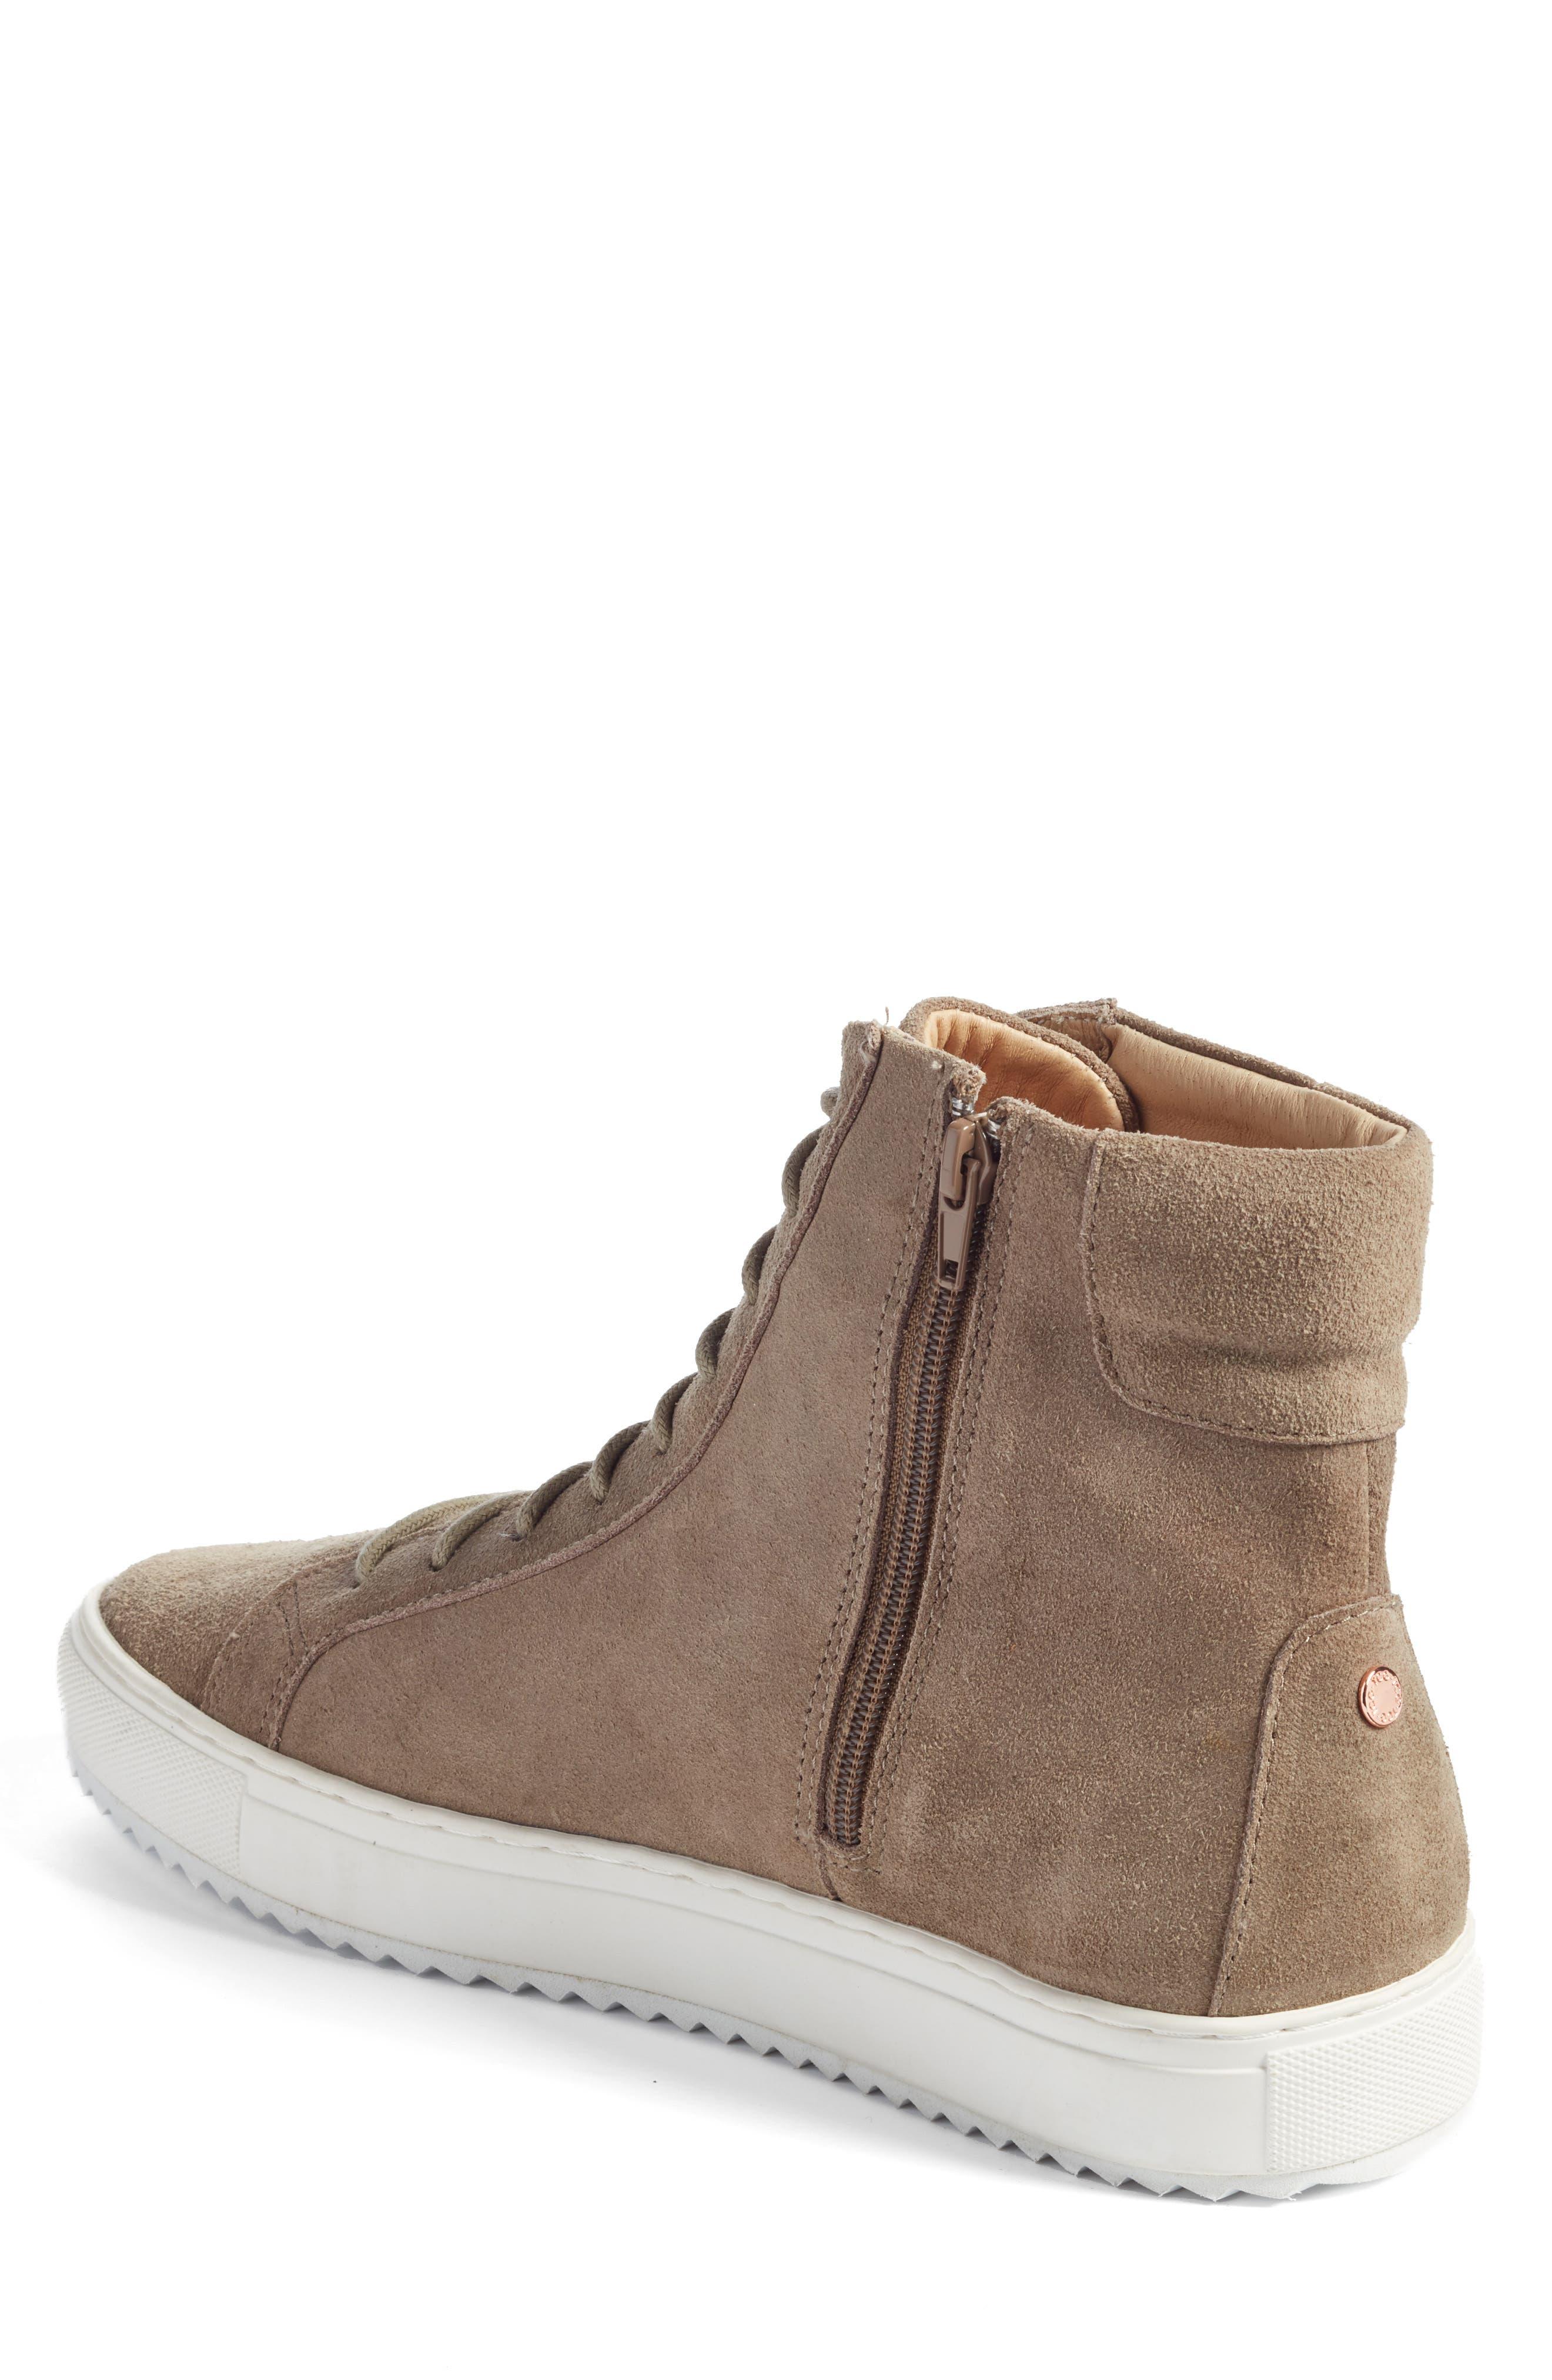 Logan Water Resistant High Top Sneaker,                             Alternate thumbnail 7, color,